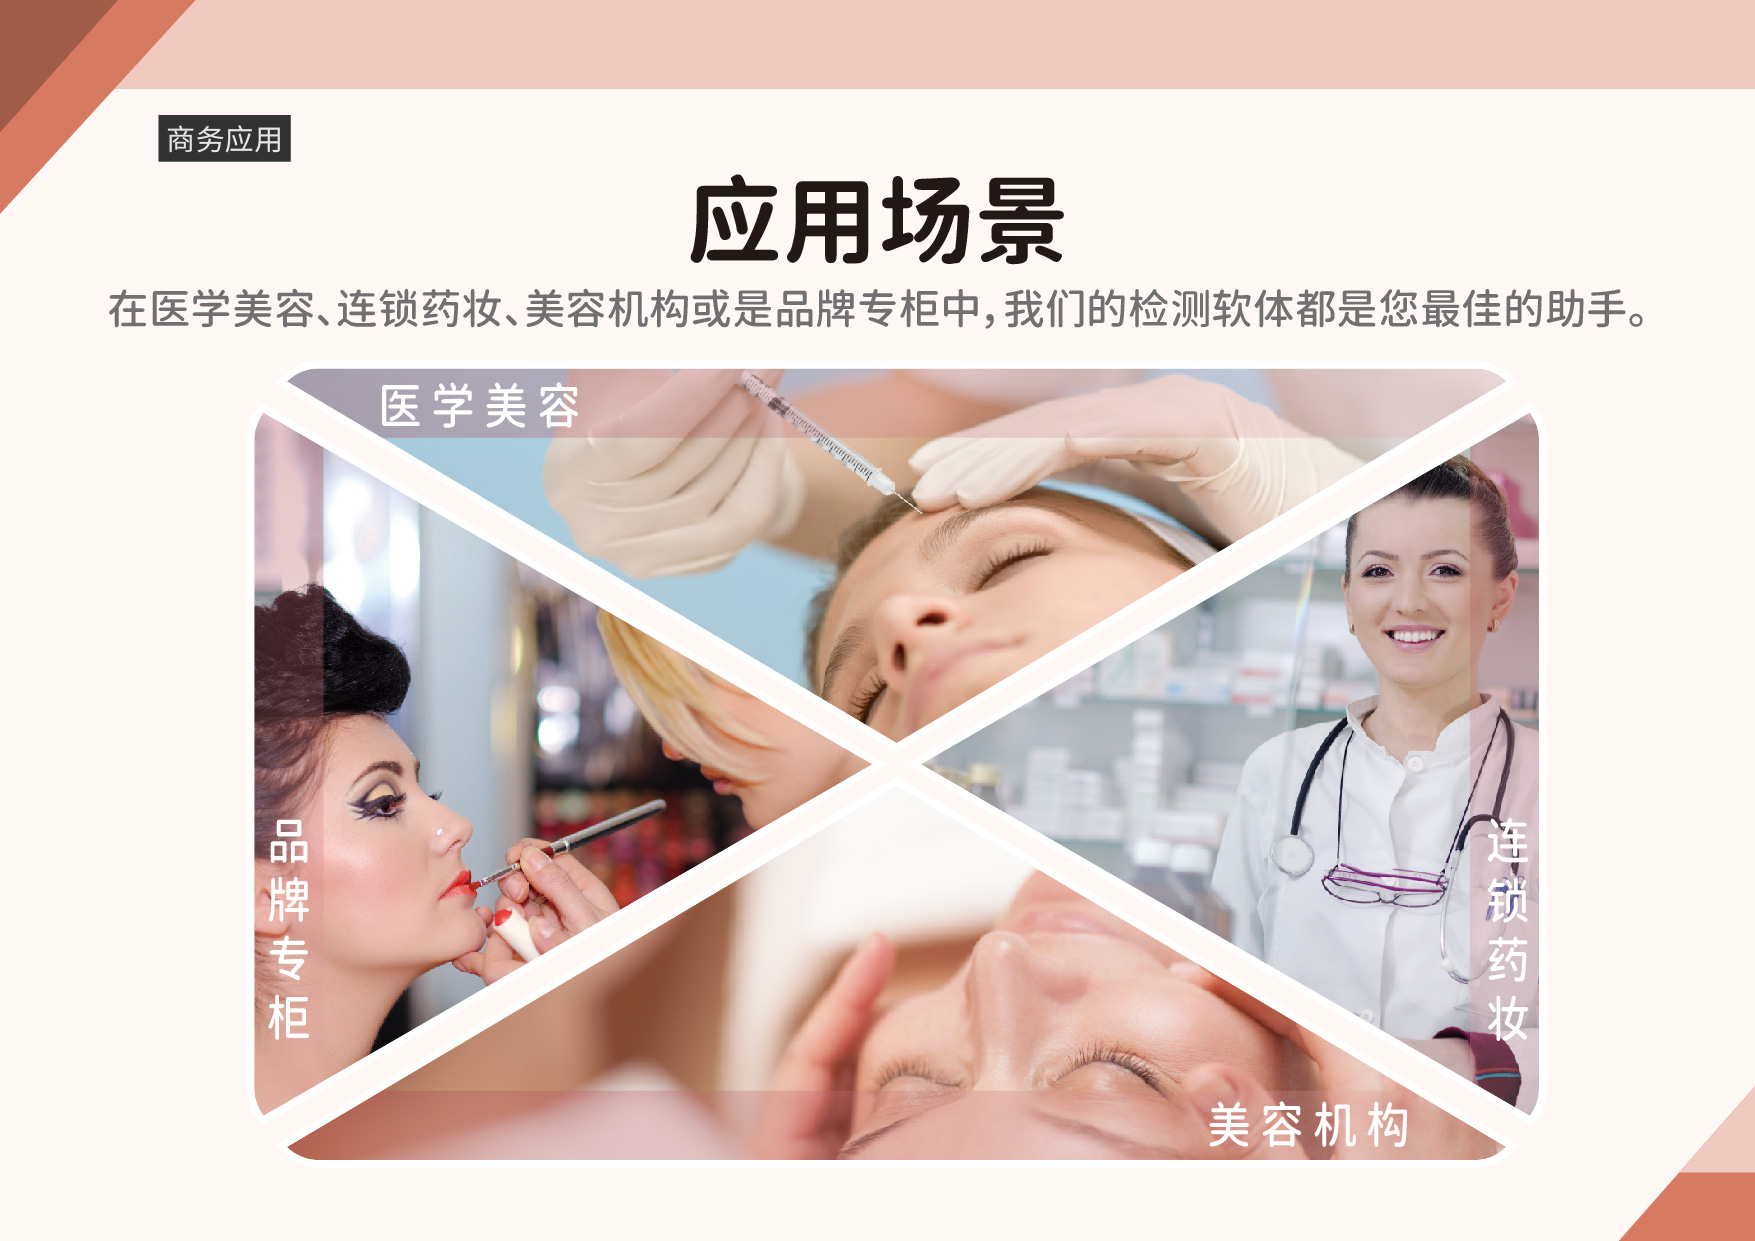 不只专利 更是犀利:不断地创新与改良的精神,不仅让我们拥有专利证书;独家技术更是获得业界的认可,屡屡获奖。